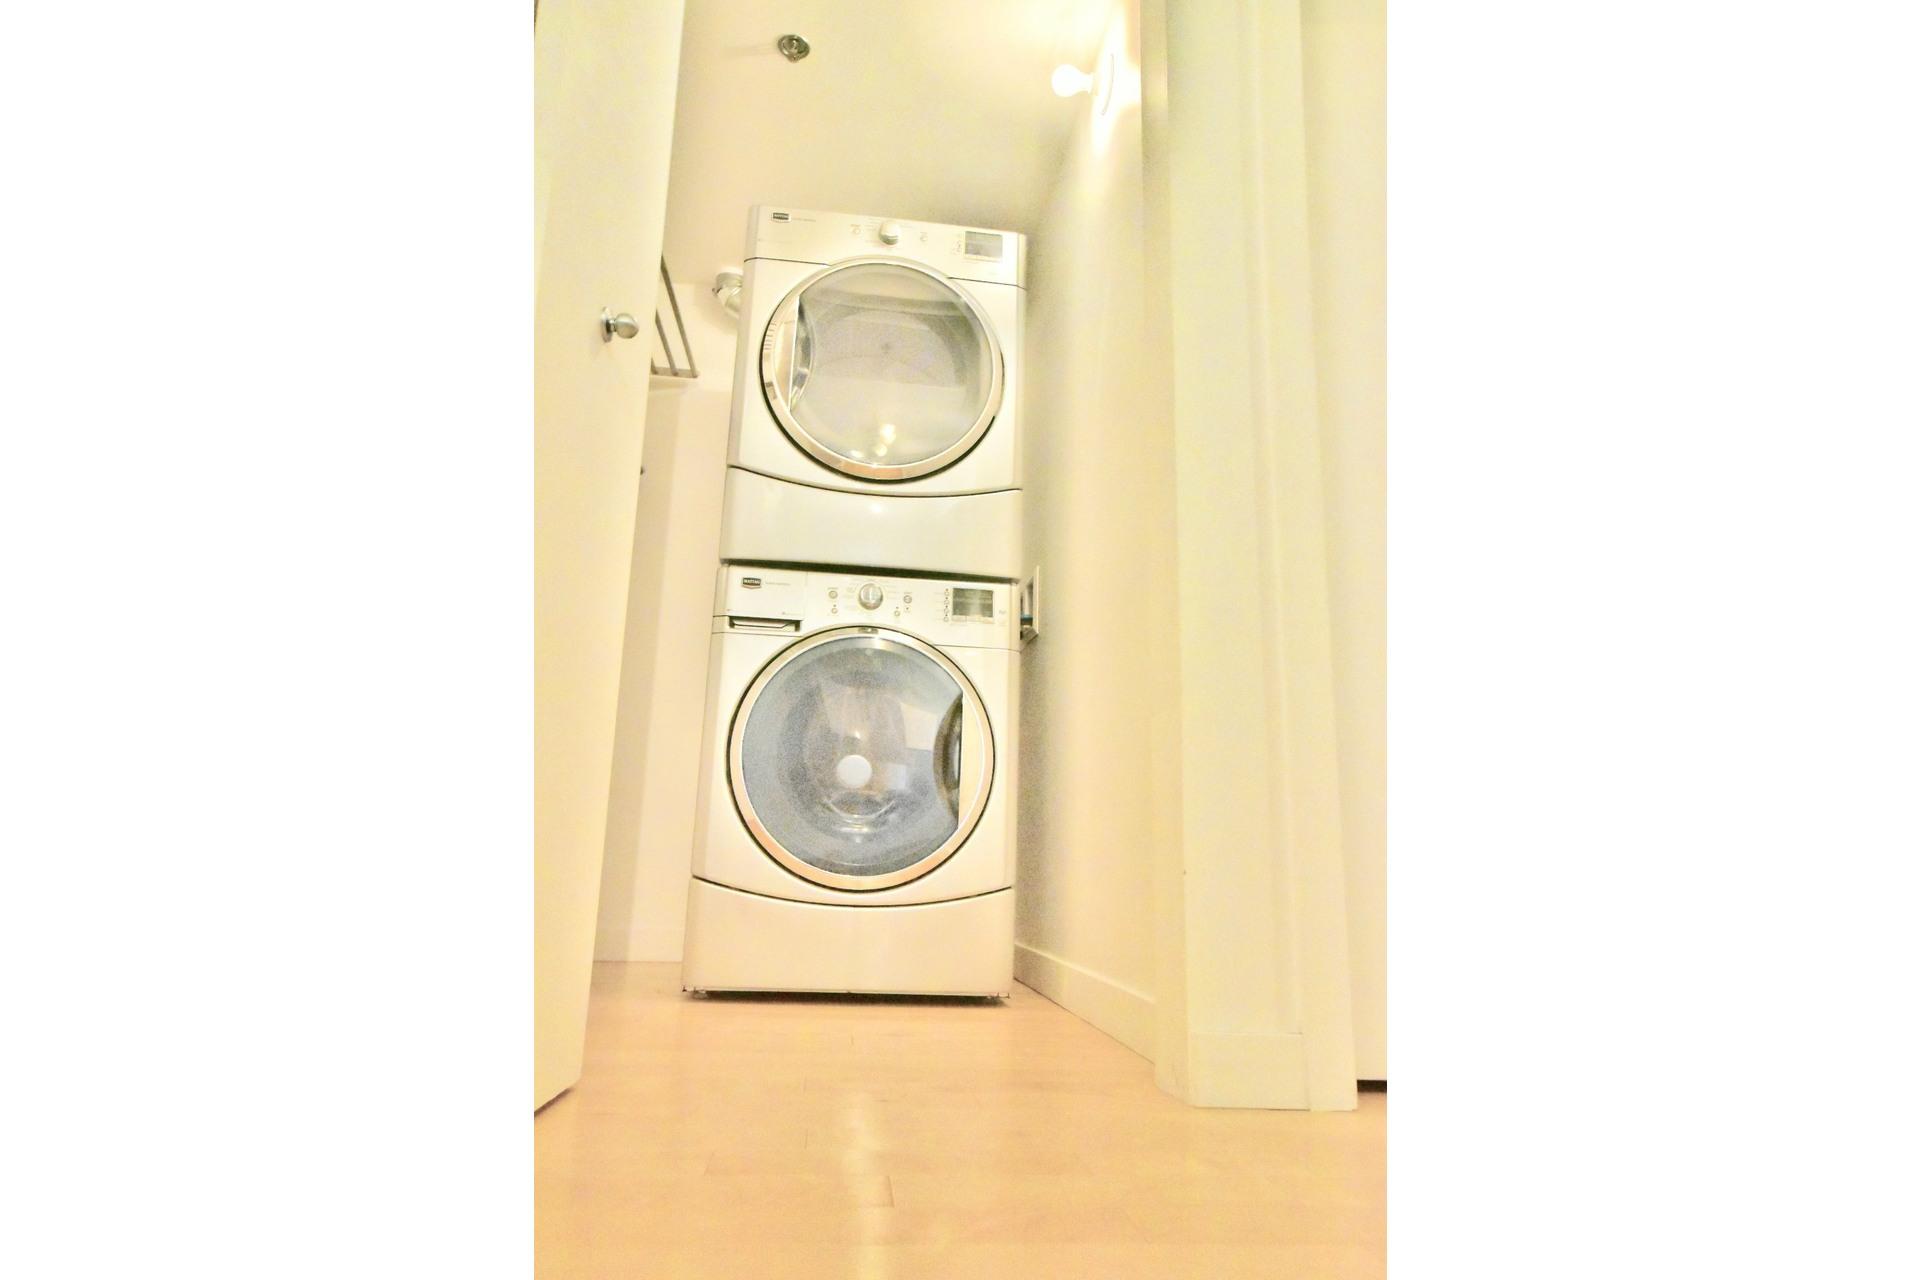 image 17 - Apartment For rent Lachine Montréal  - 6 rooms